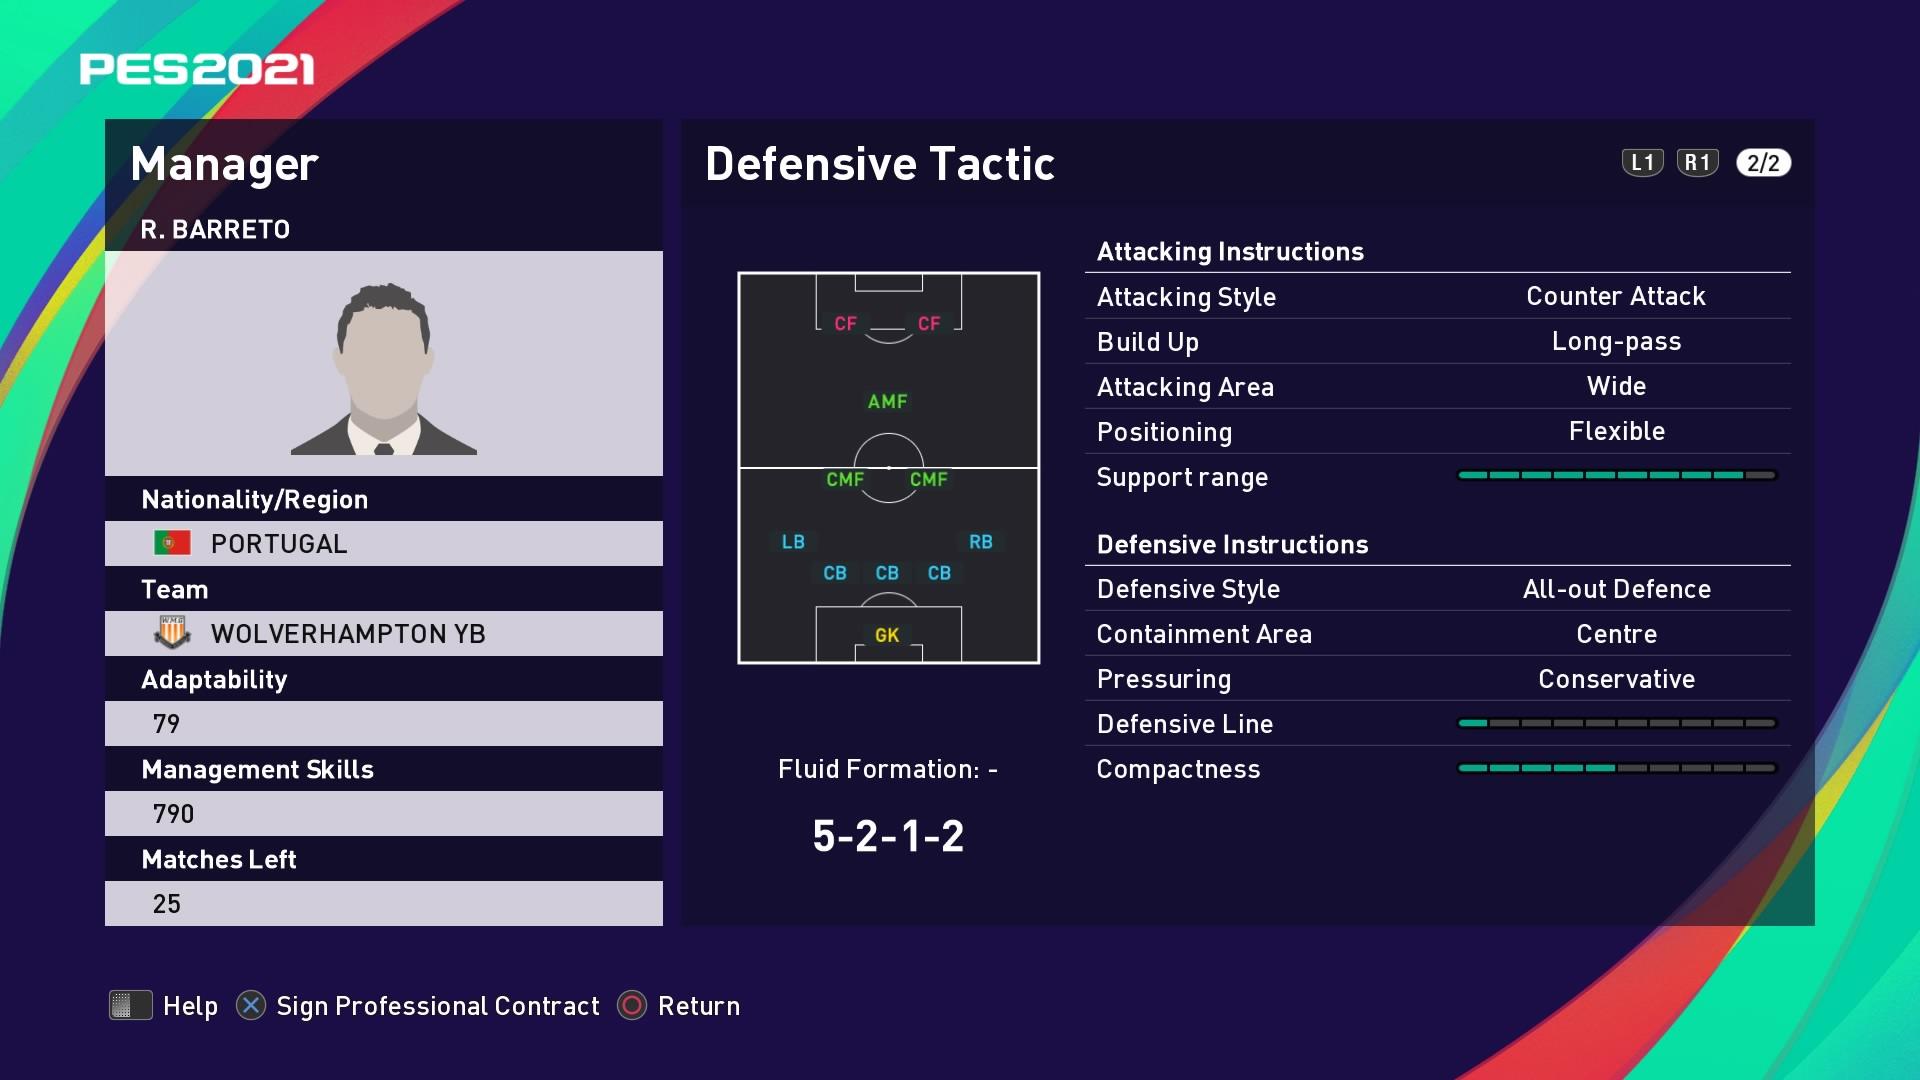 R. Barreto (Nuno Espírito Santo) Defensive Tactic in PES 2021 myClub